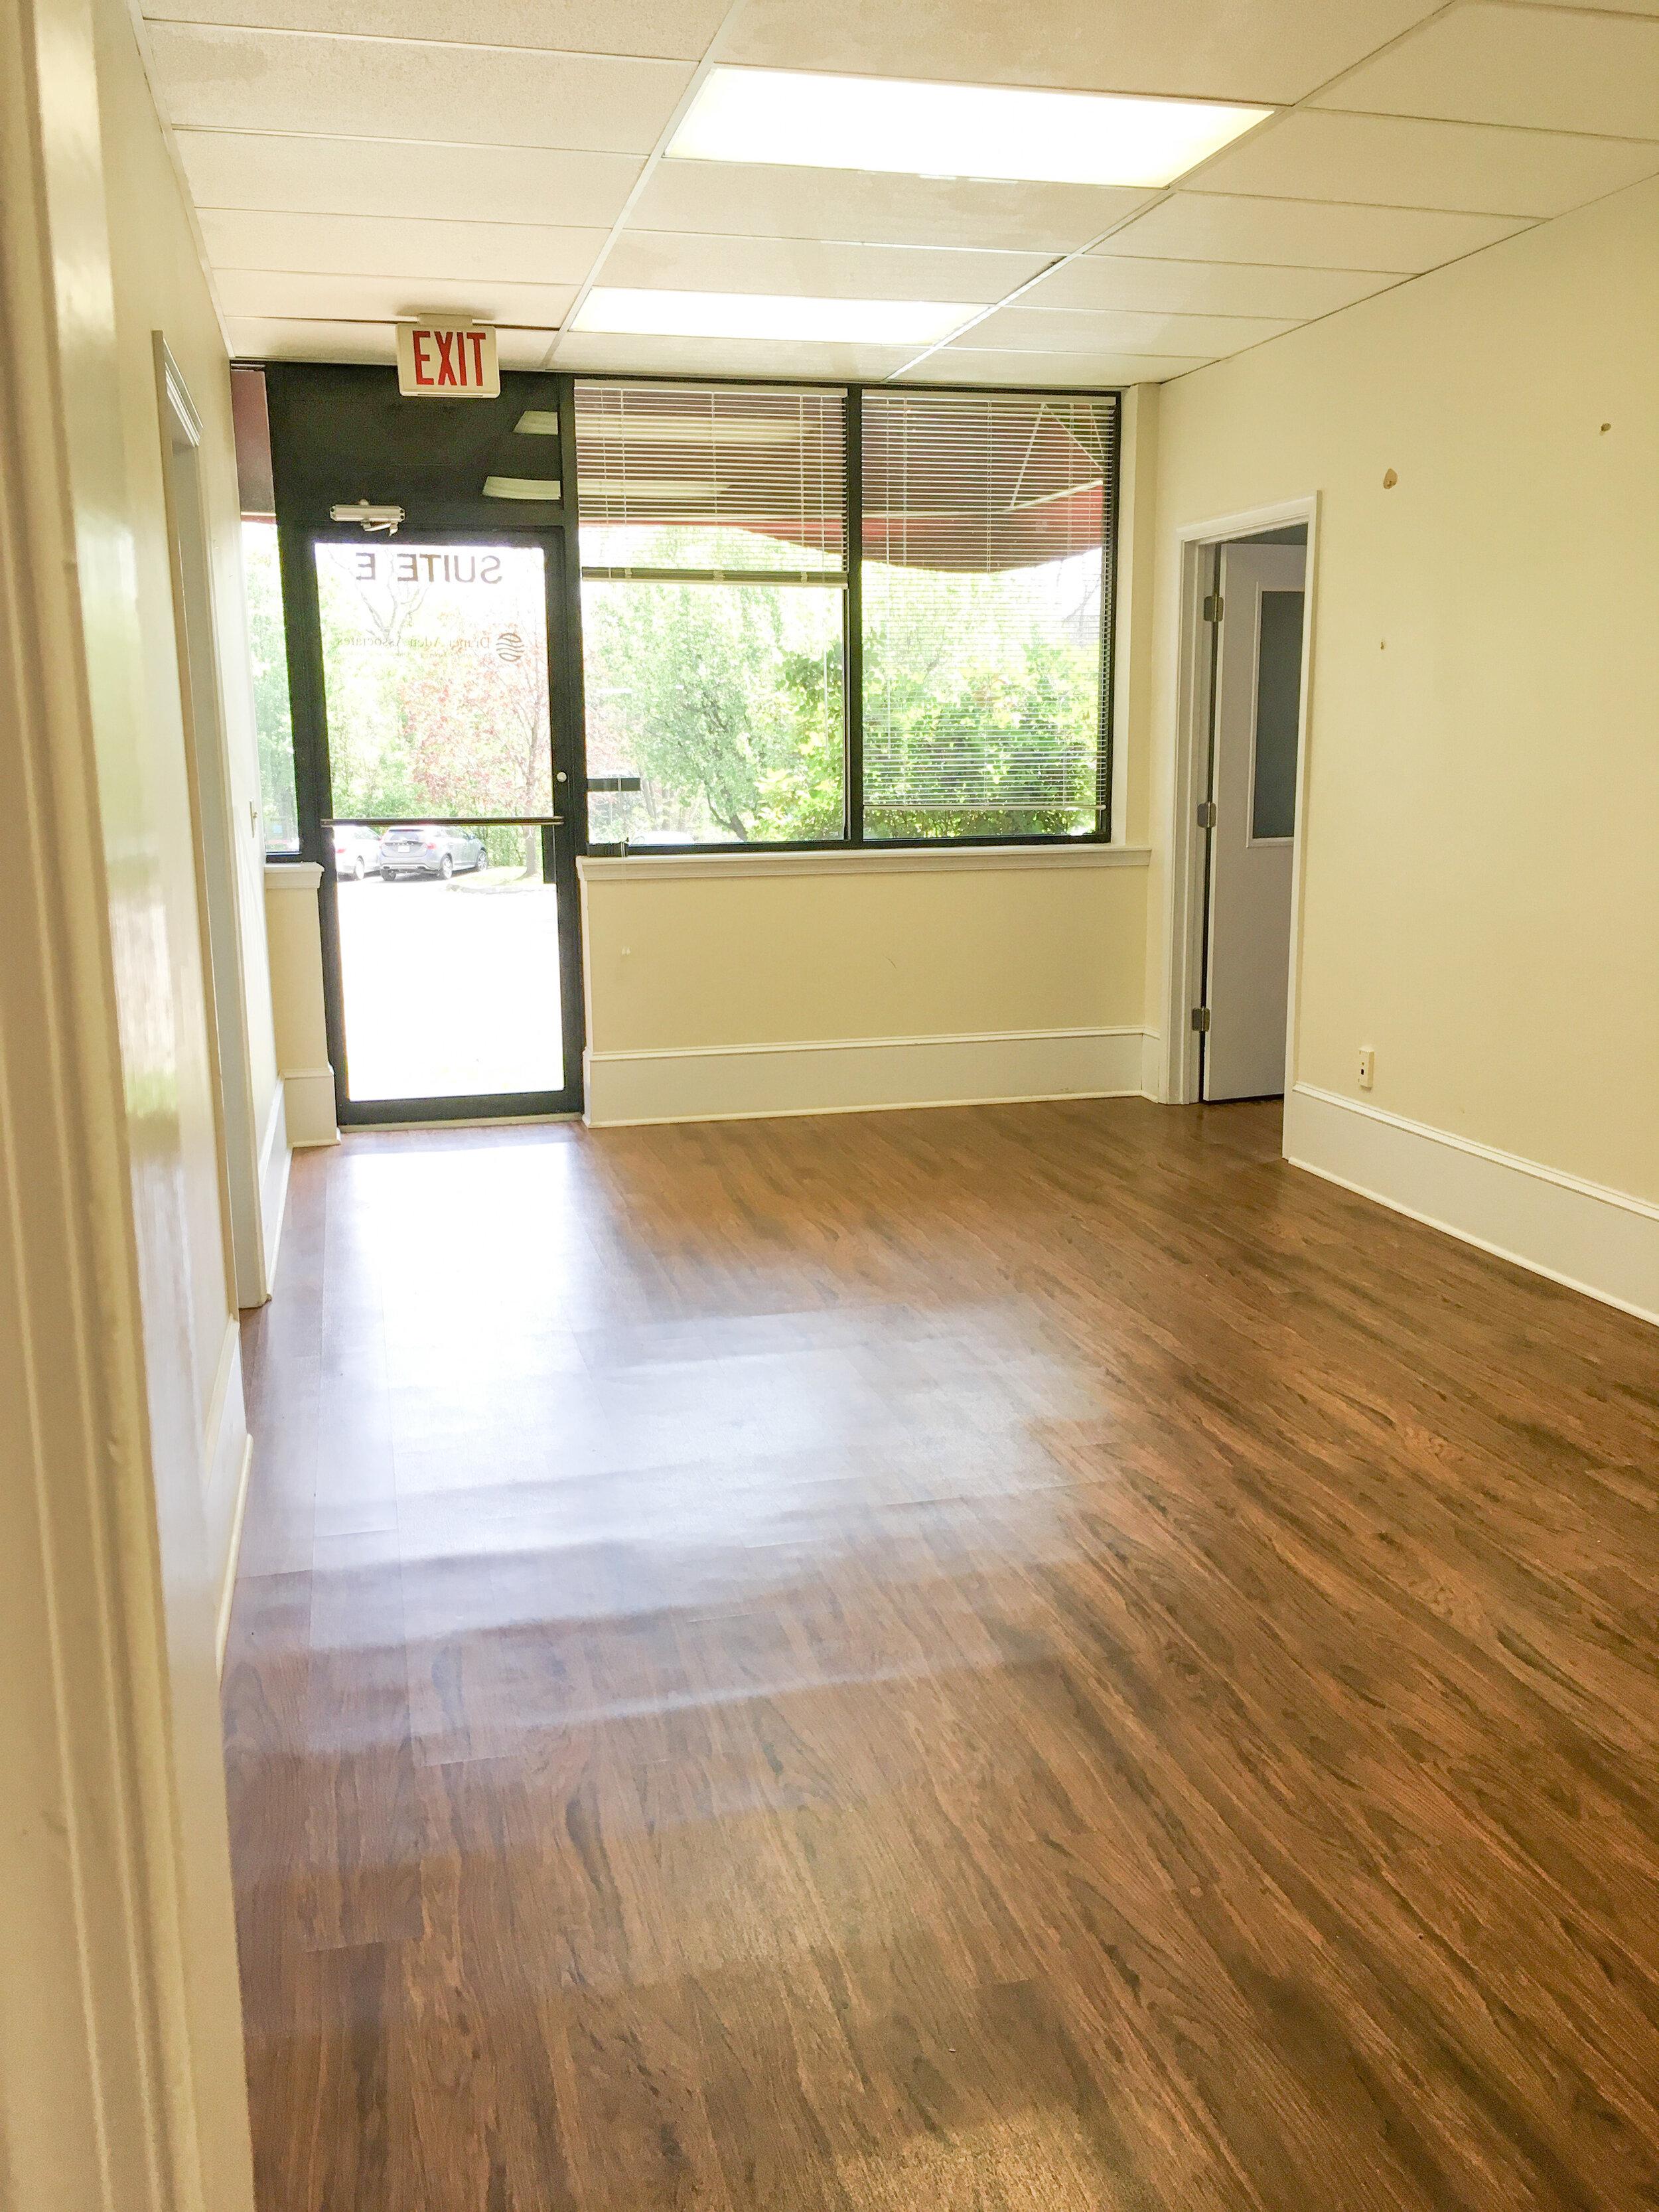 Reception Area with Door_edited.jpg